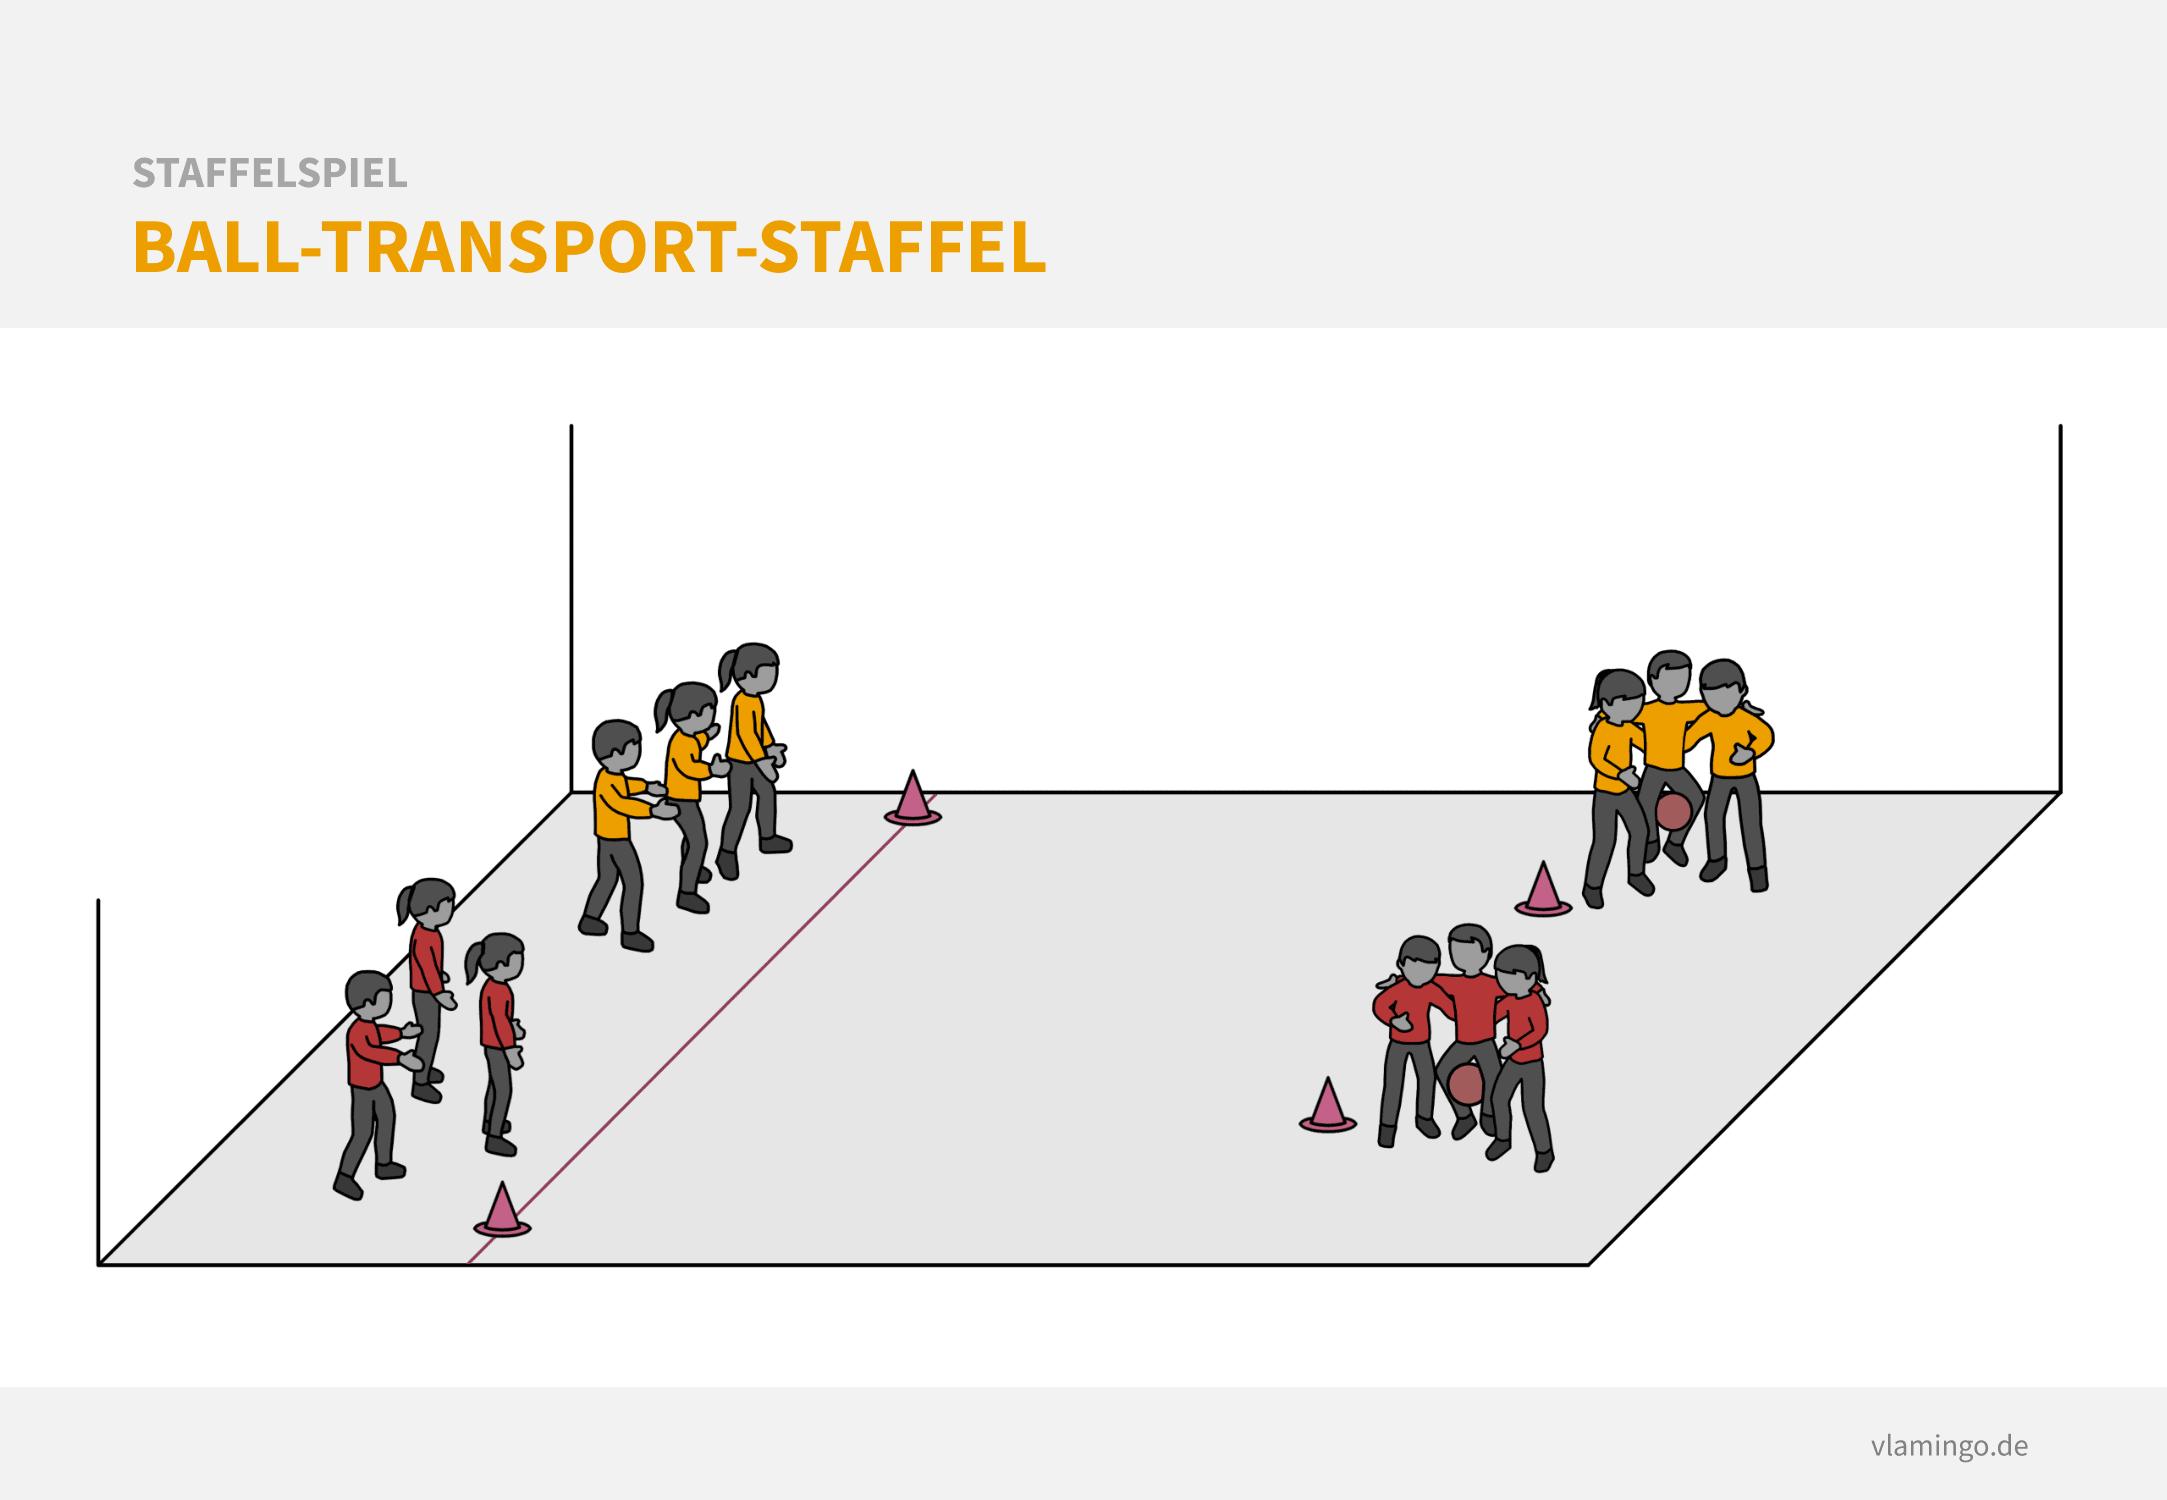 Staffelspiel - Ball-Transport-Staffel